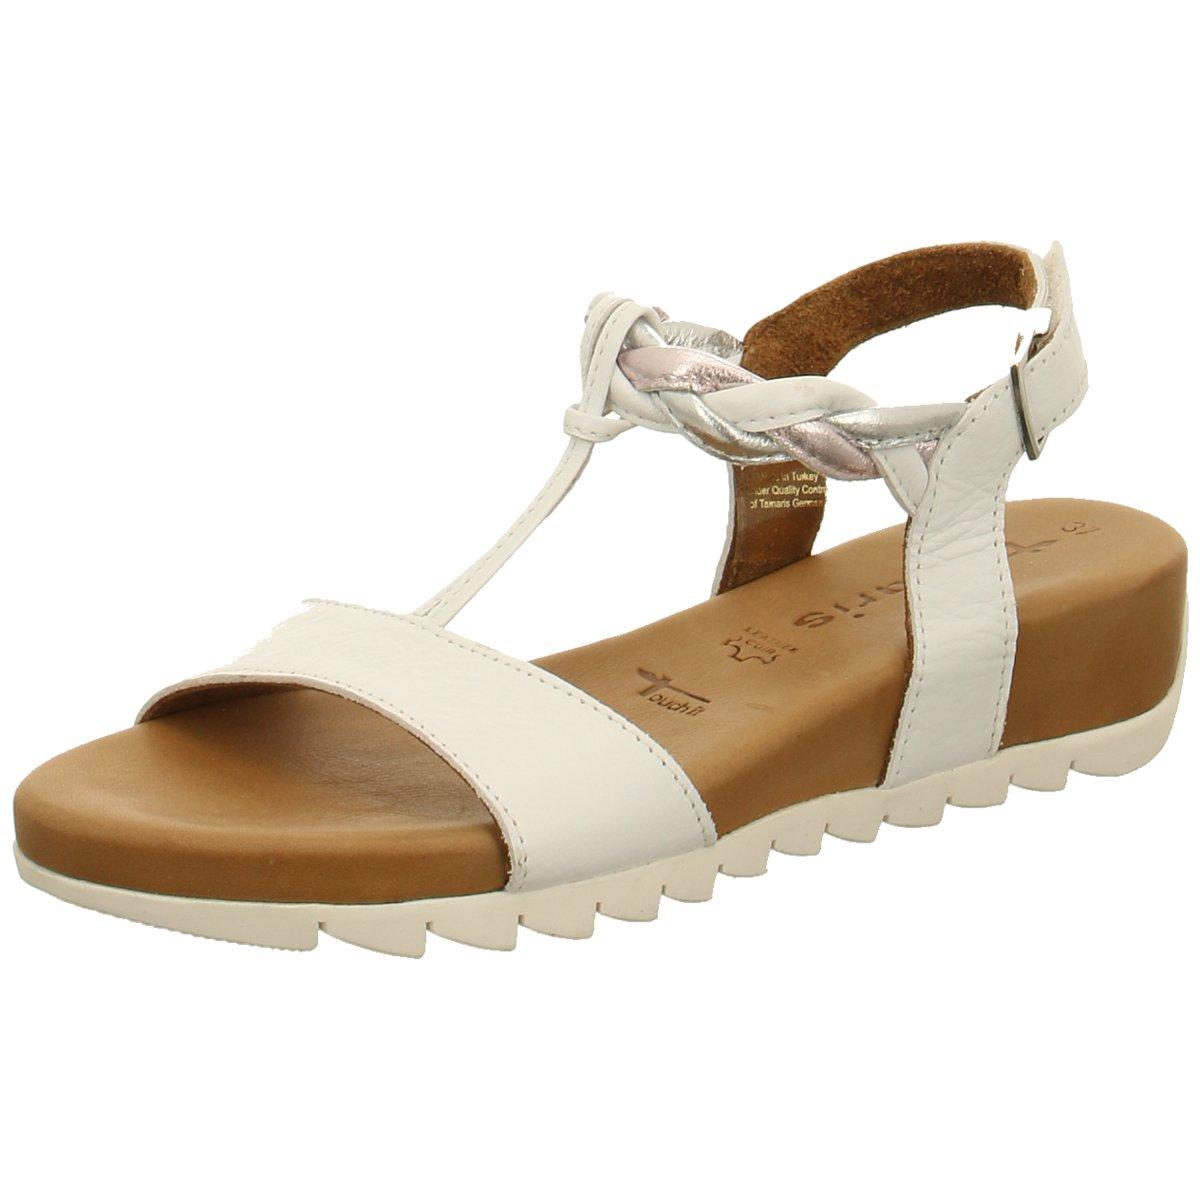 Details zu Tamaris Damen Sandaletten Weiße Sandale 28709 197 weiß 710252